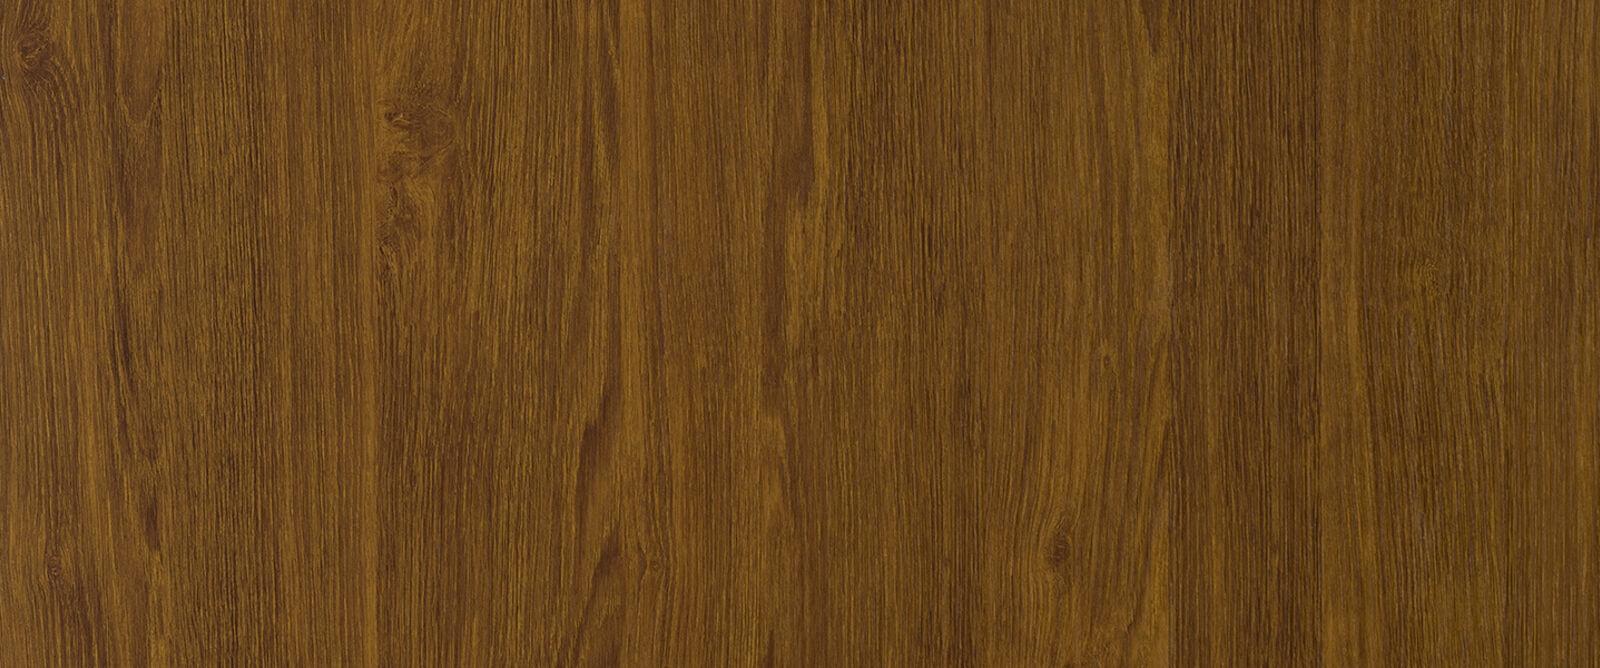 skai® Sheffield Oak kolonial